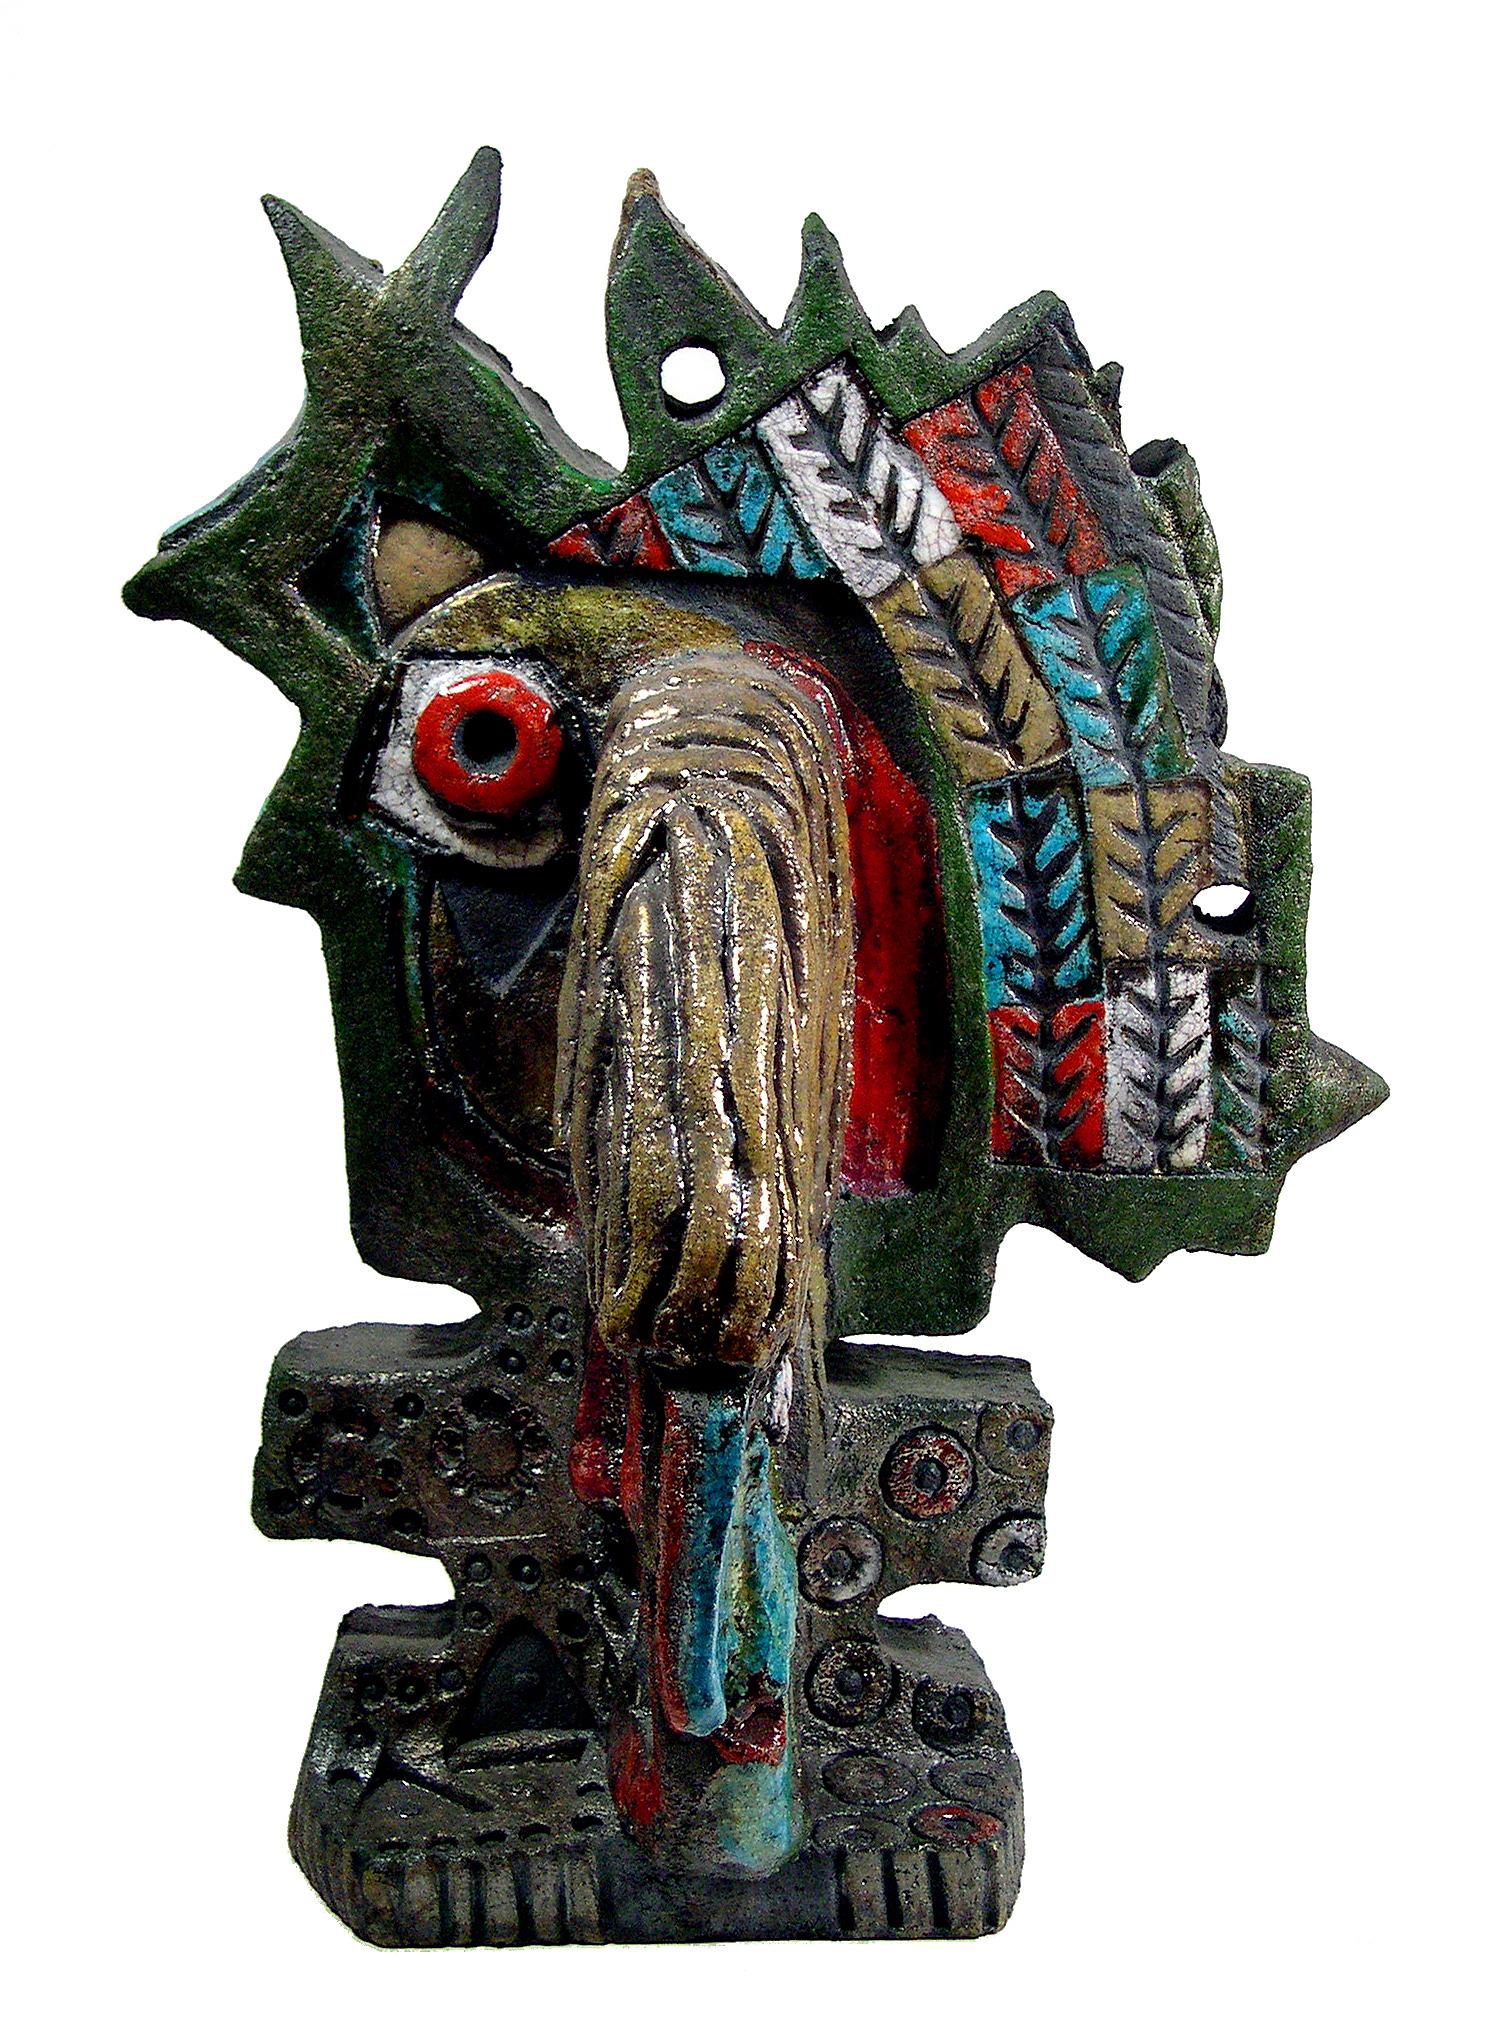 Sculpture_2009_02_04.jpg